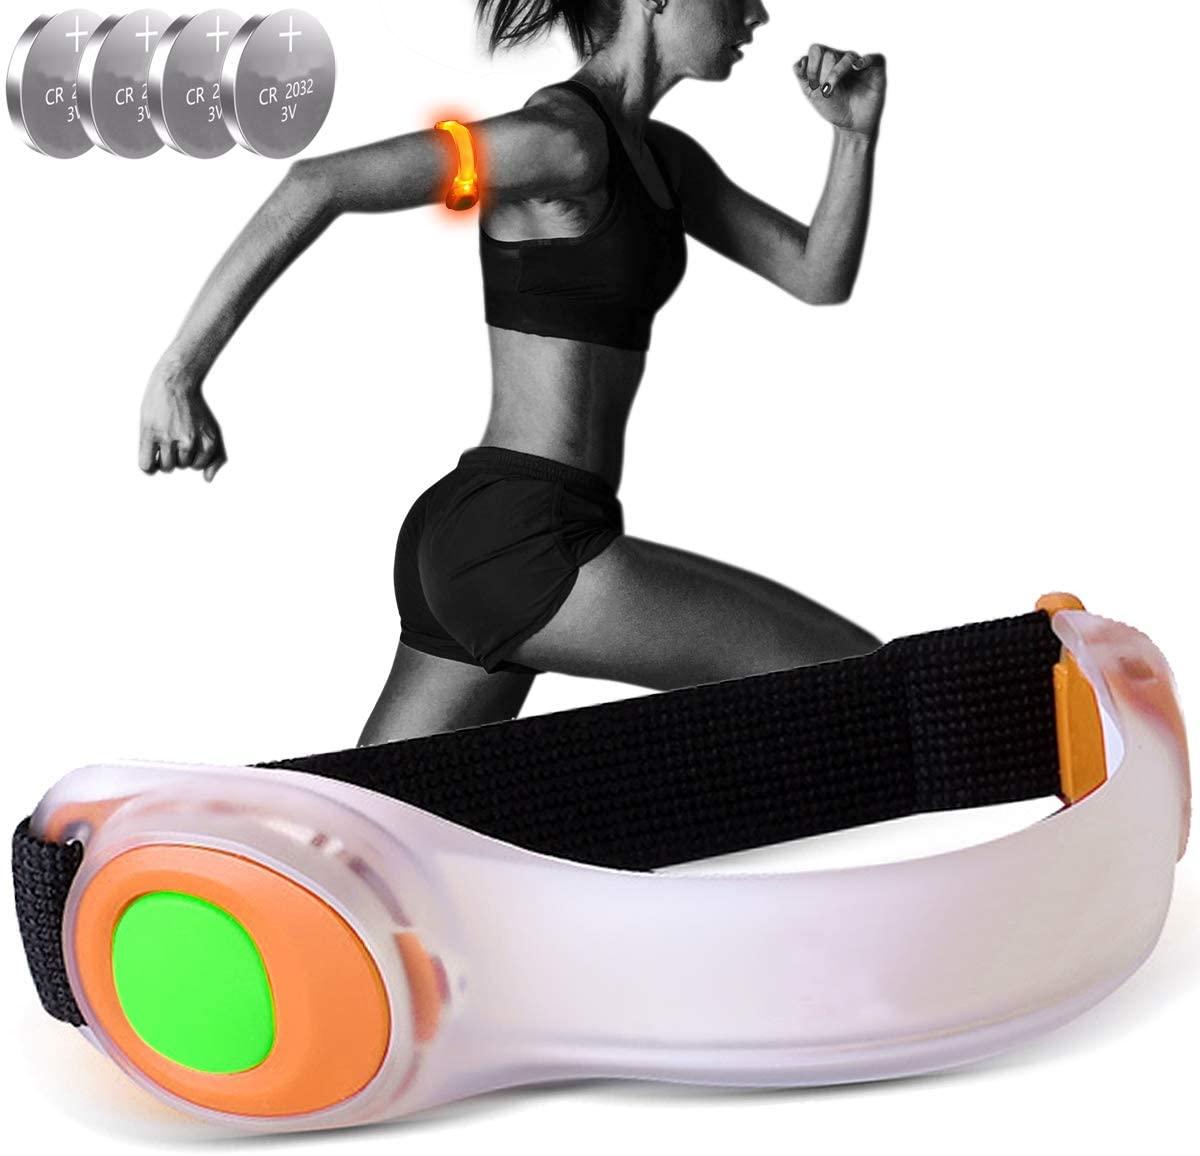 【管理人愛用中】OnePro LEDアームバンドが半額。腕太めのおっさんは無理よ。